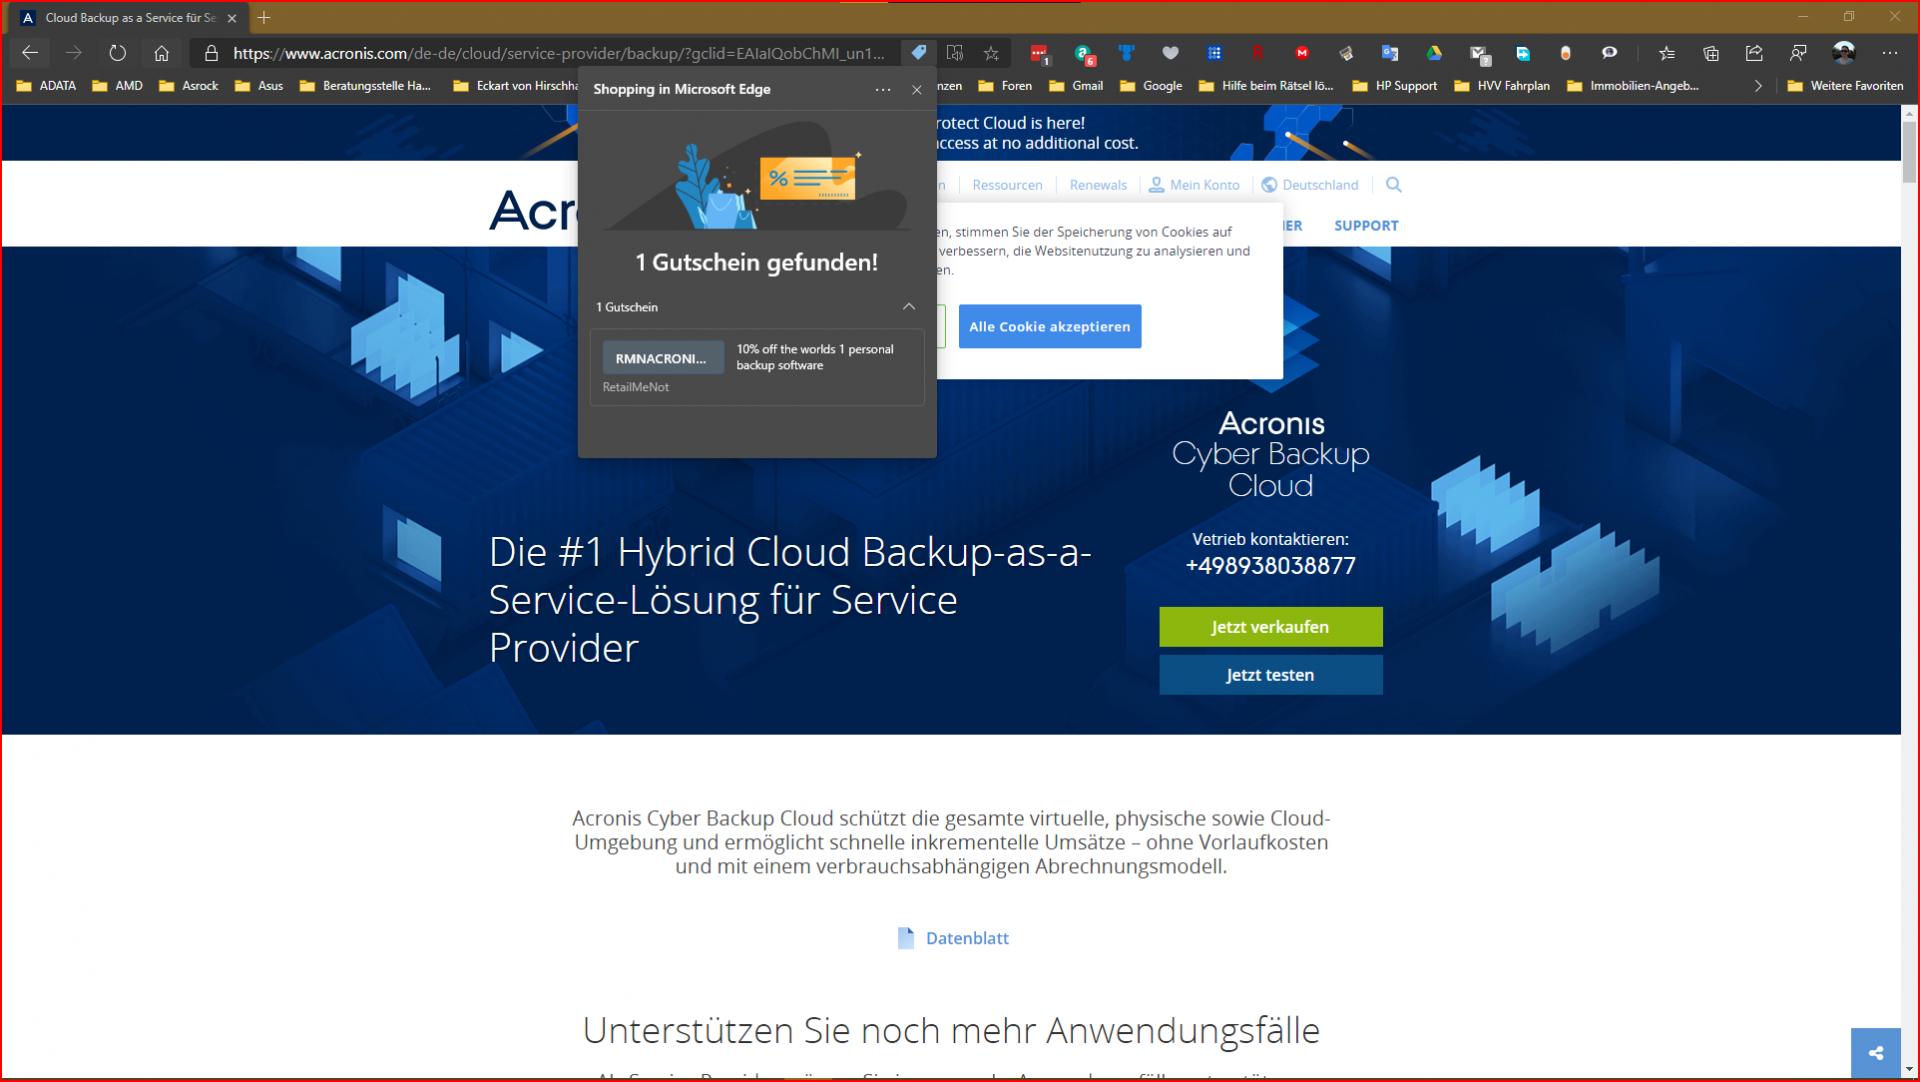 Screenshot 2020-11-08 125420 Zufallsfund Gutschein über Edge.png